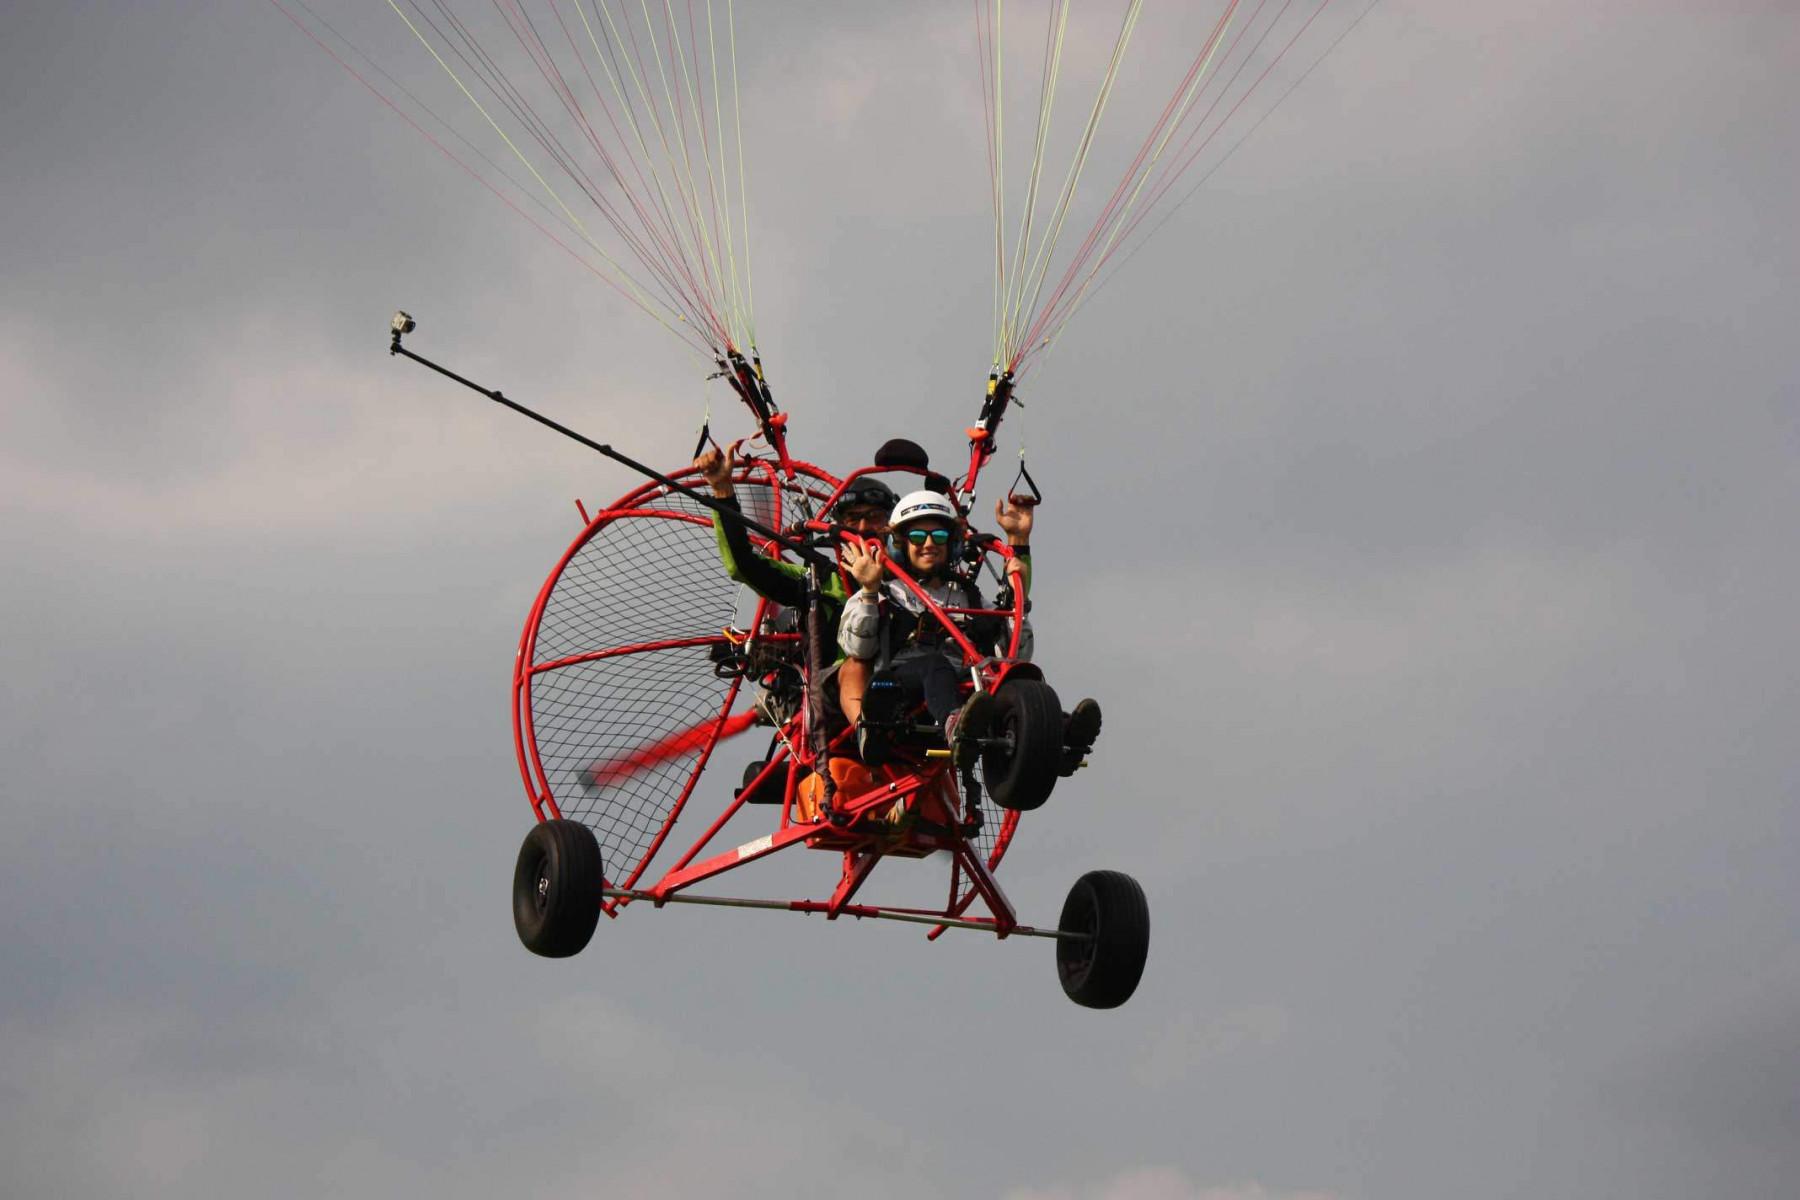 Volo in parapendio biposto a motore in provincia di Treviso